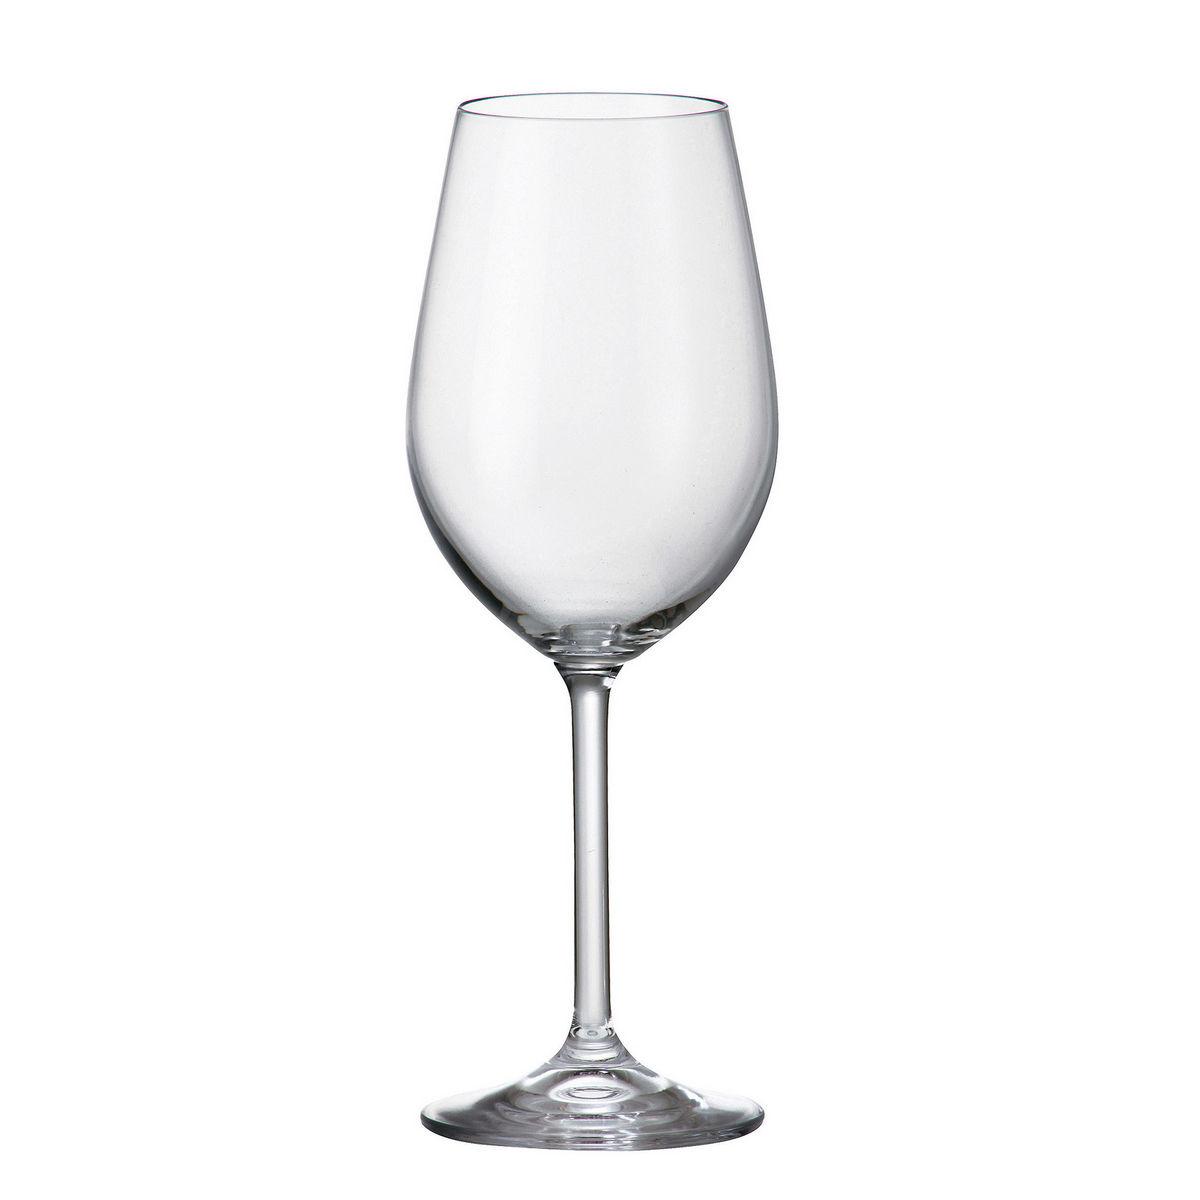 BAR Set 4 pahare cristalin vin 350 ml